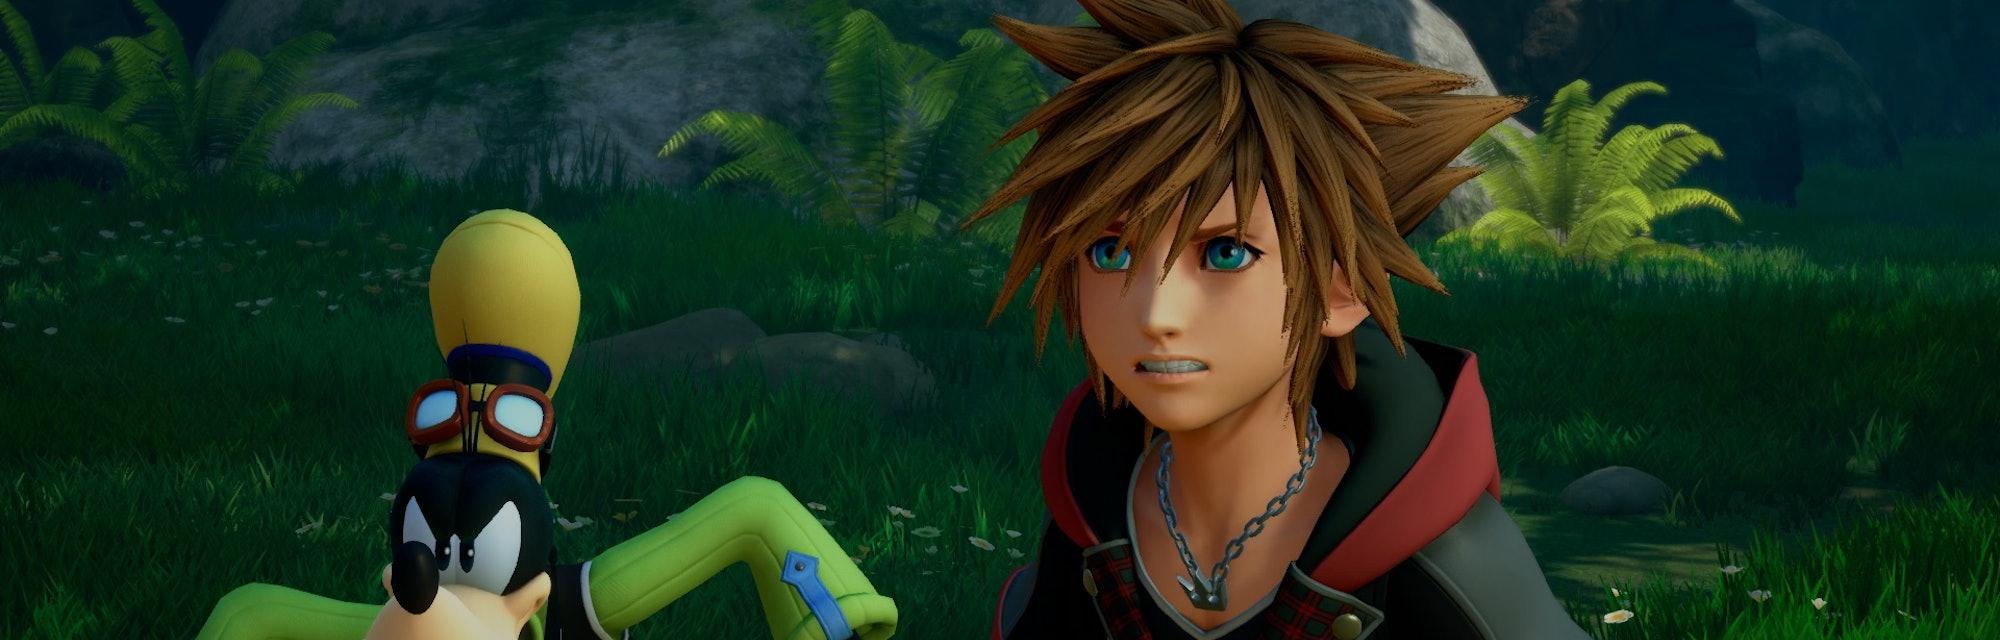 A screenshot from Kingdom Hearts III